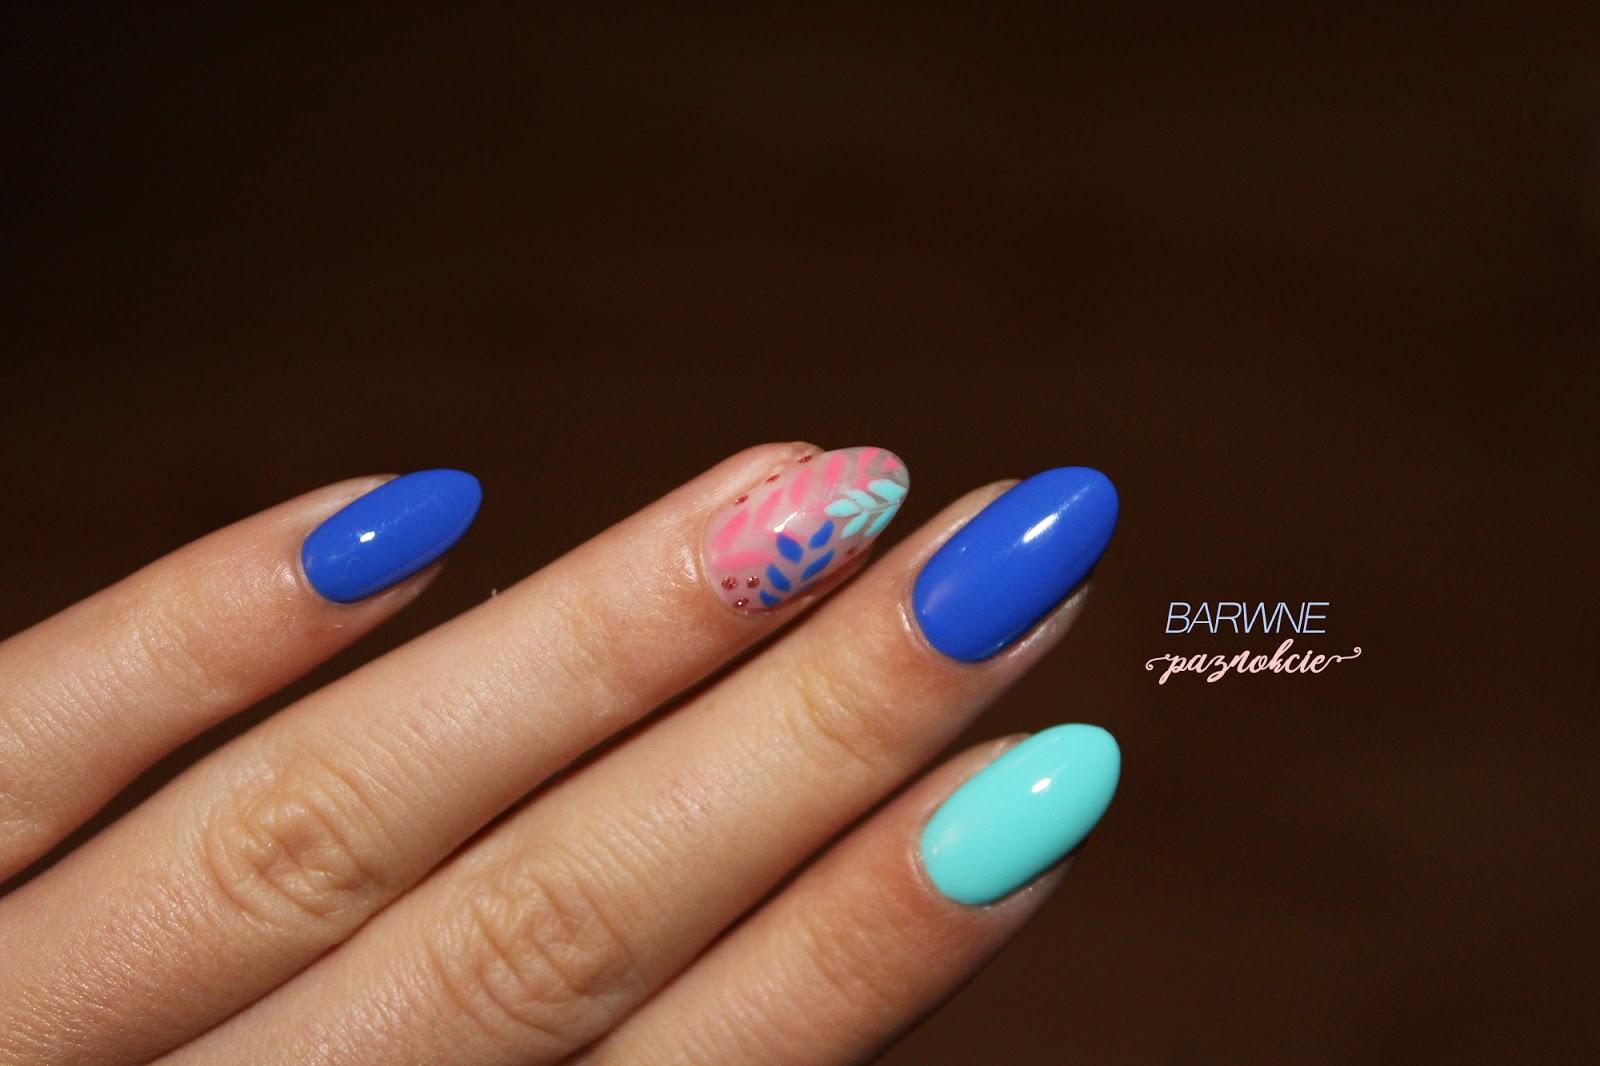 171 - Porto Marino, Semilac,  Tiny Rose - 516,  521 - Turquoise Blue, motyw liści, multichrom, jesienne paznokcie